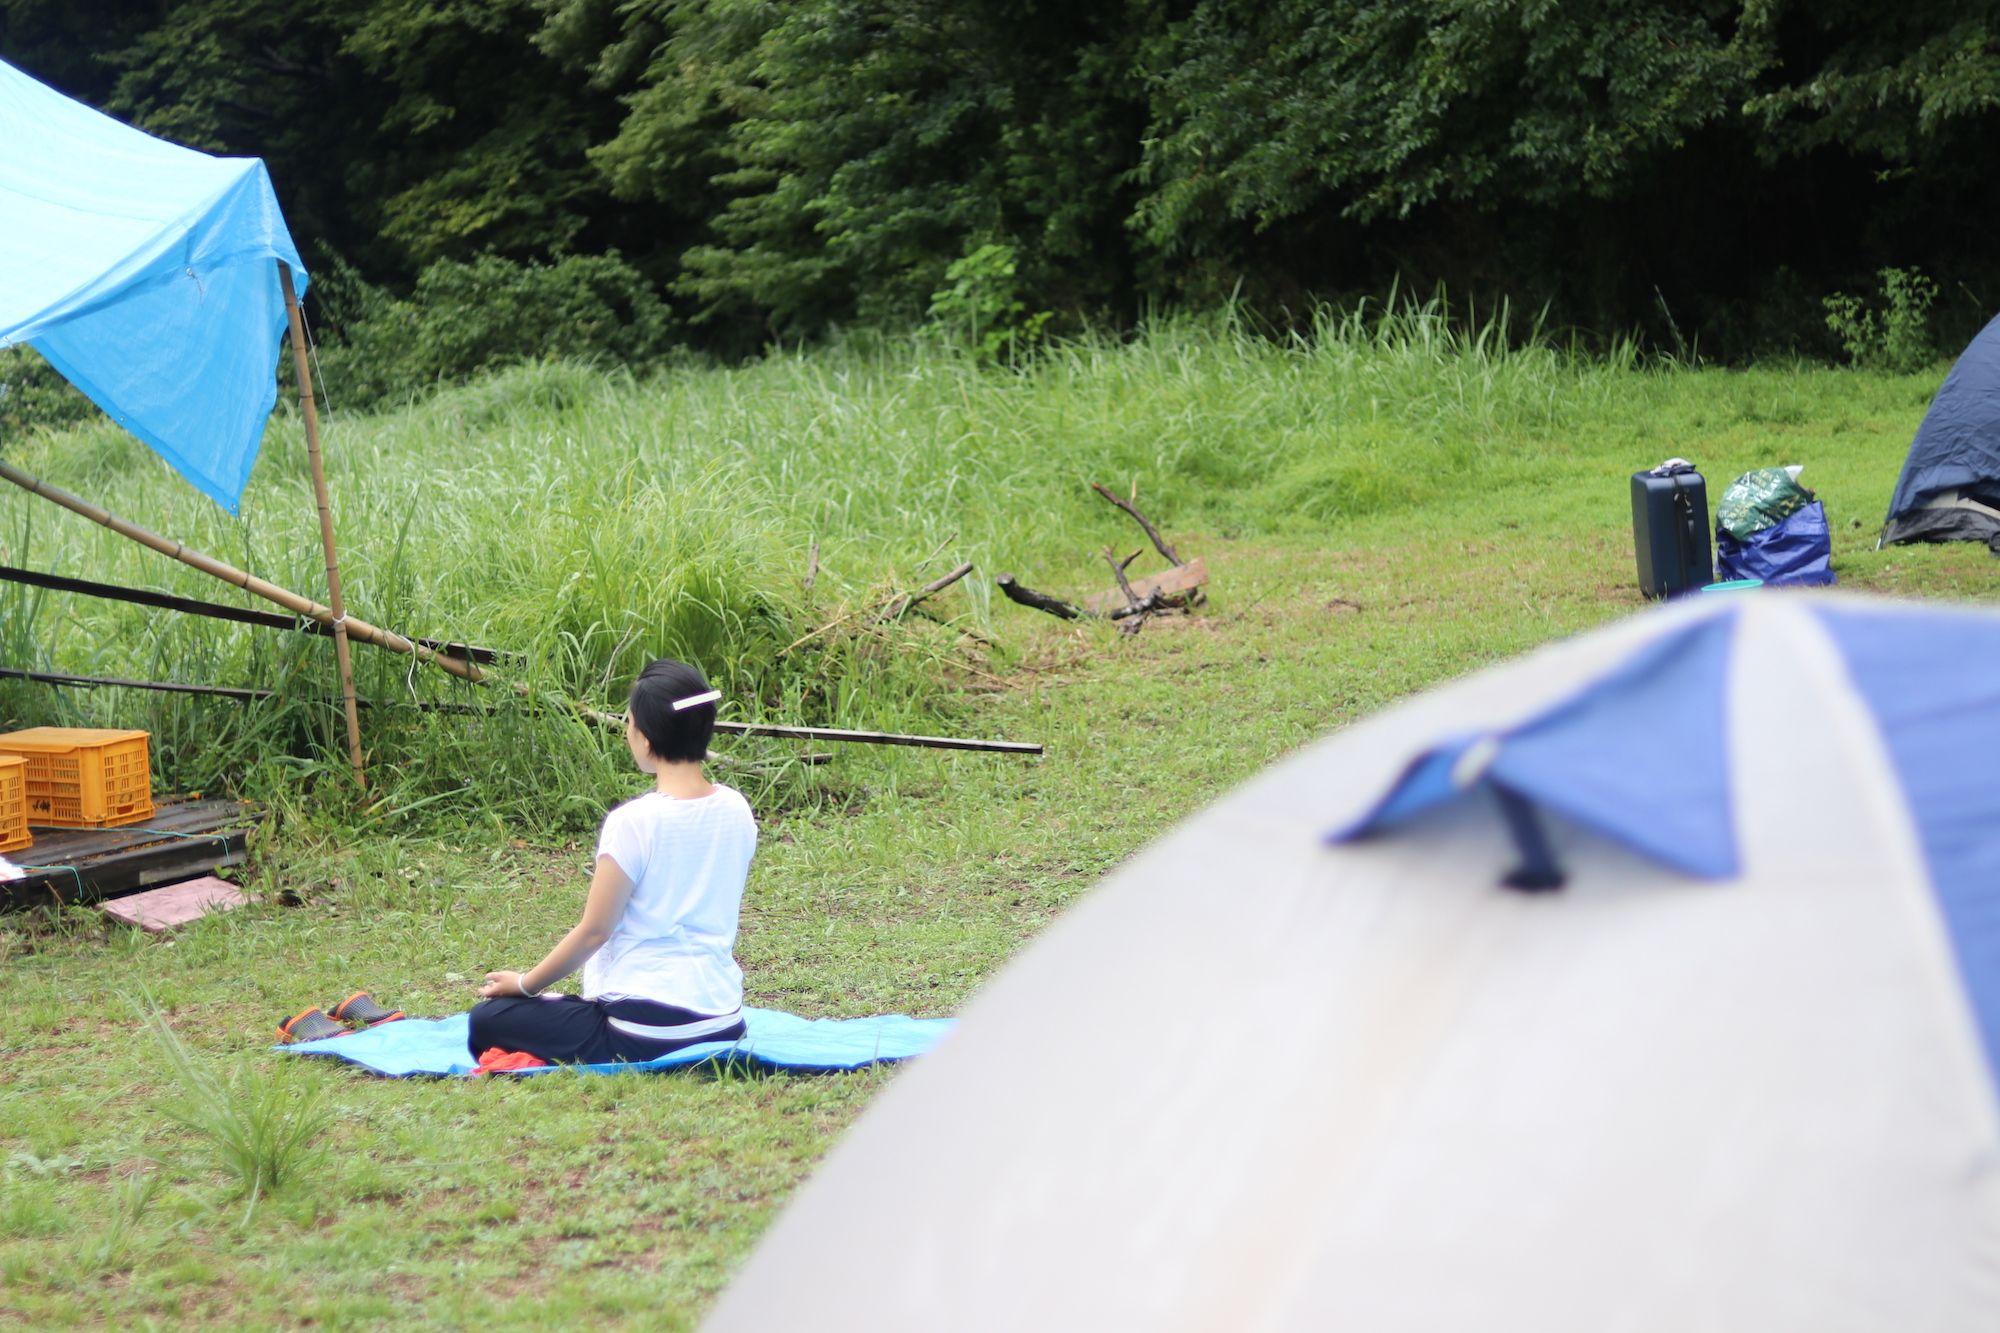 朝、谷側を向いて一人静かに瞑想する女性。